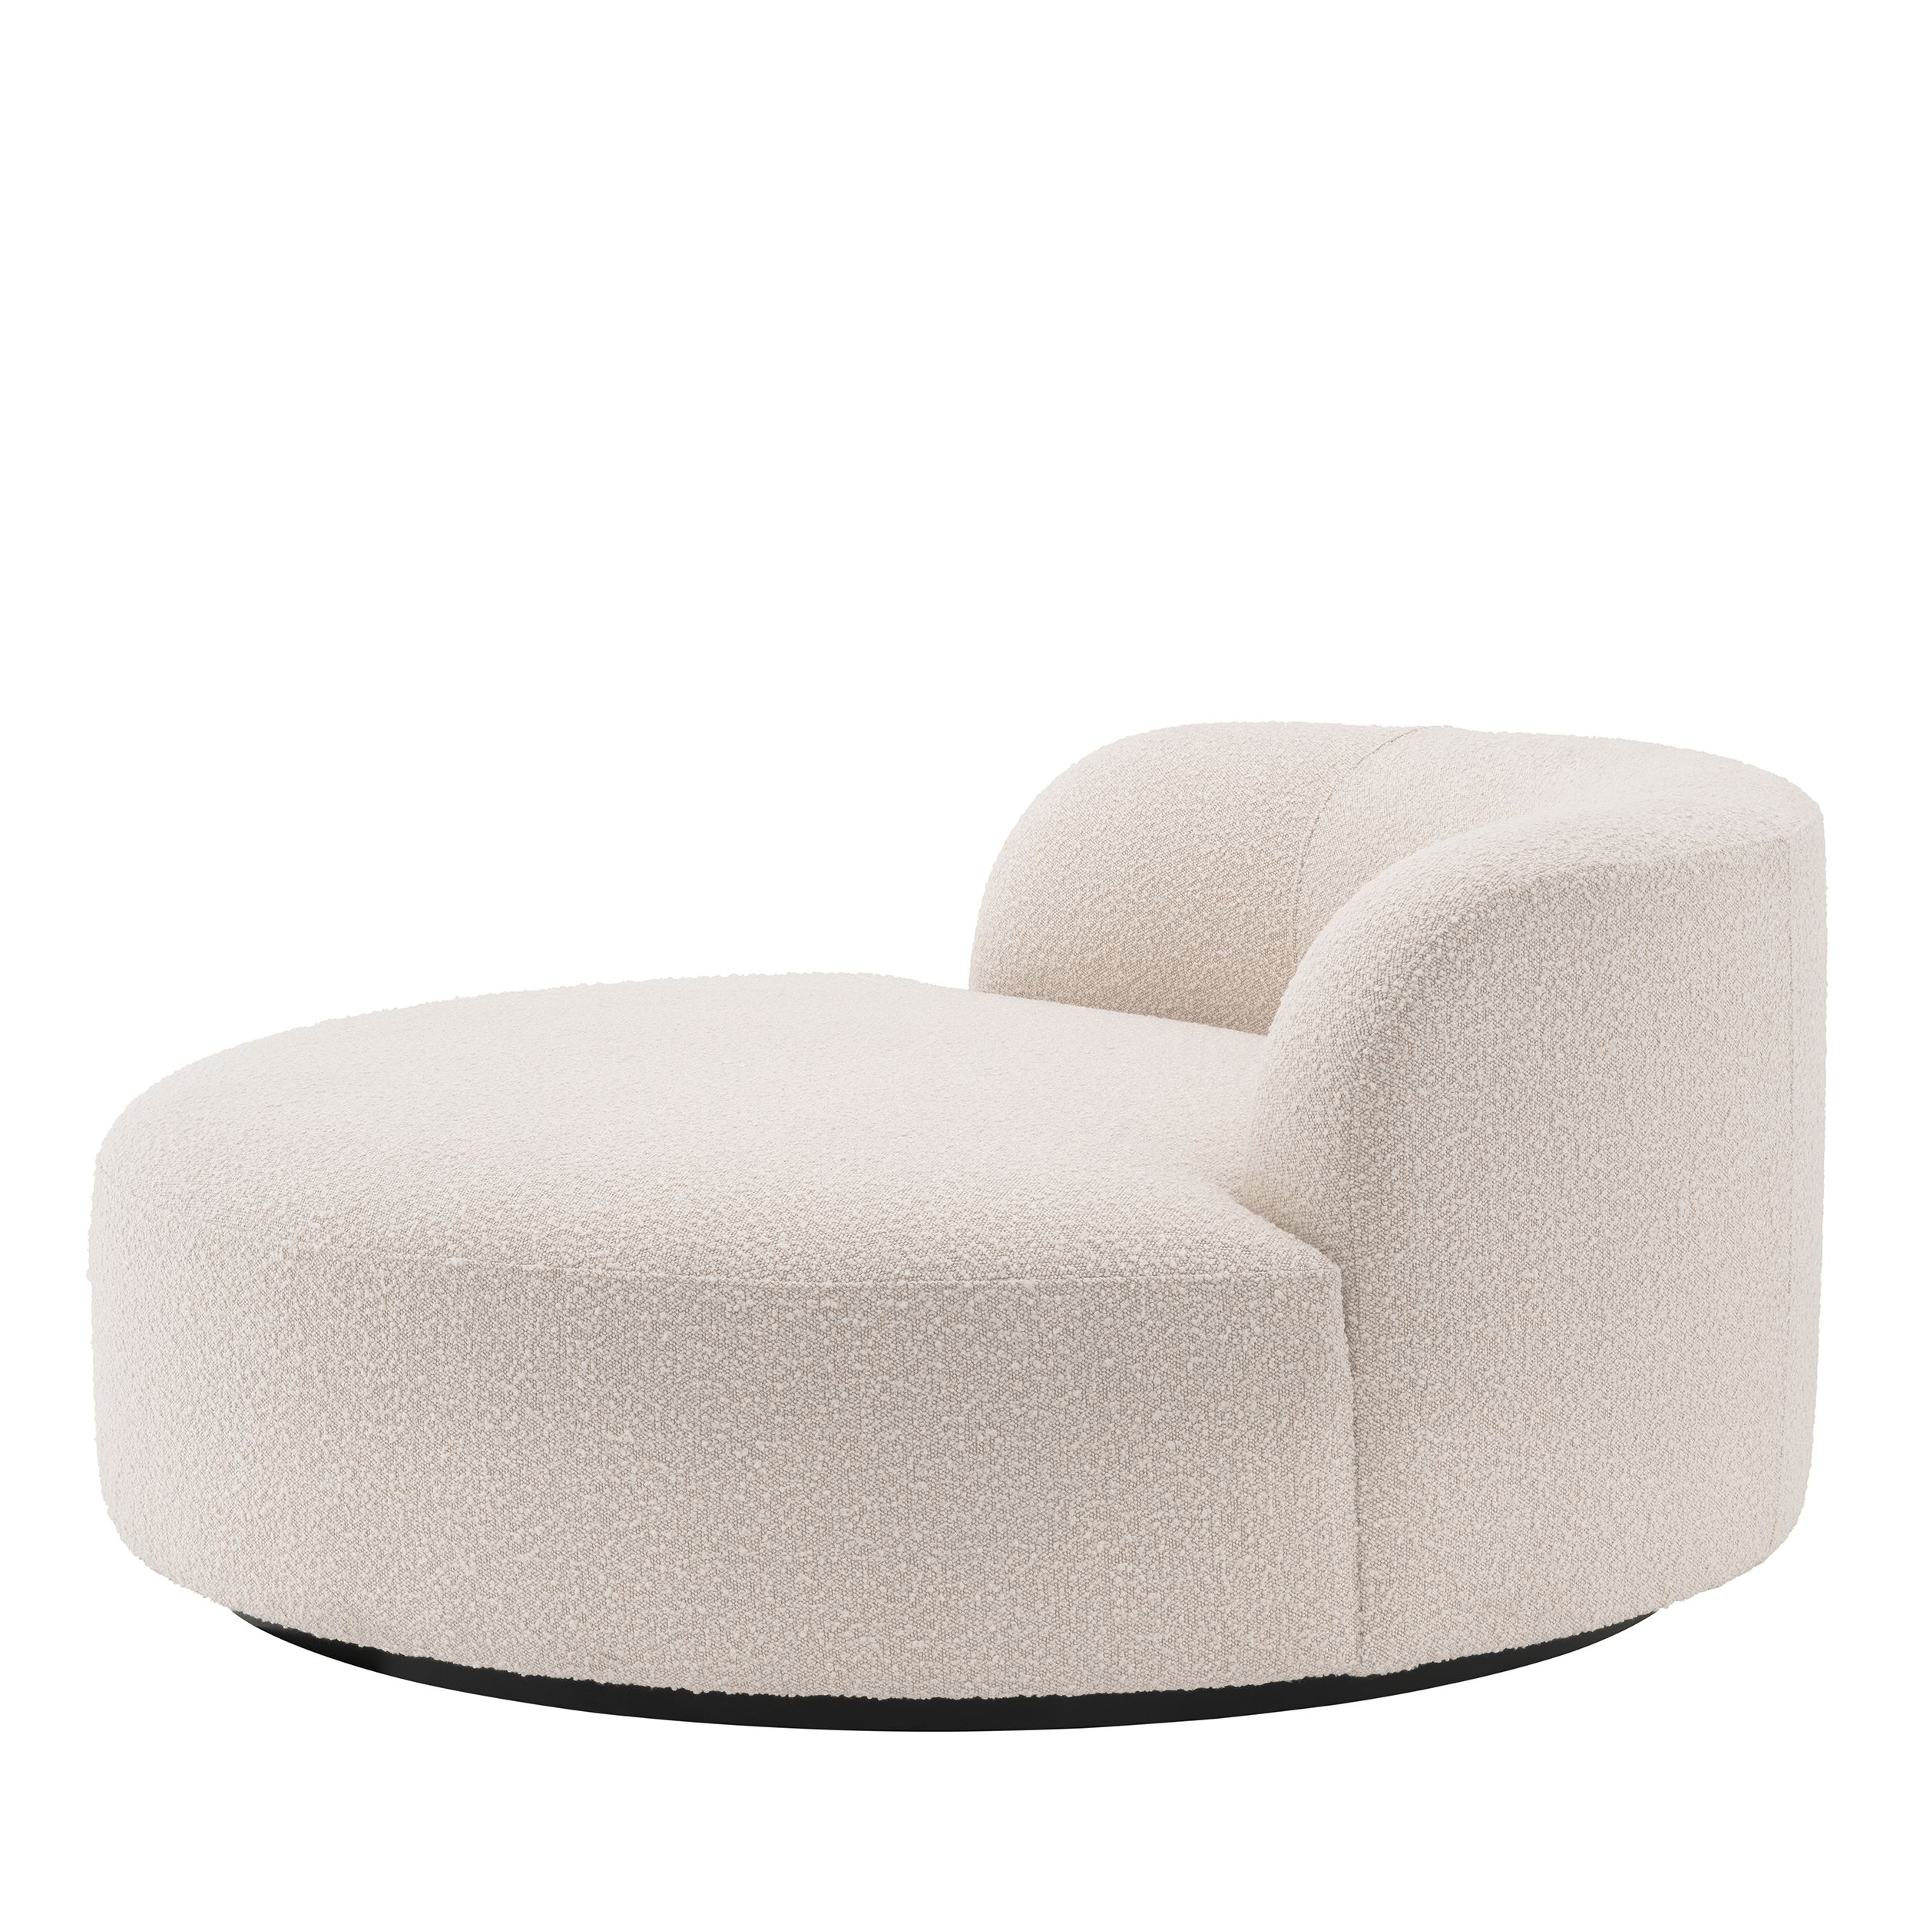 eichholtz-sofa-bjorn-round-1